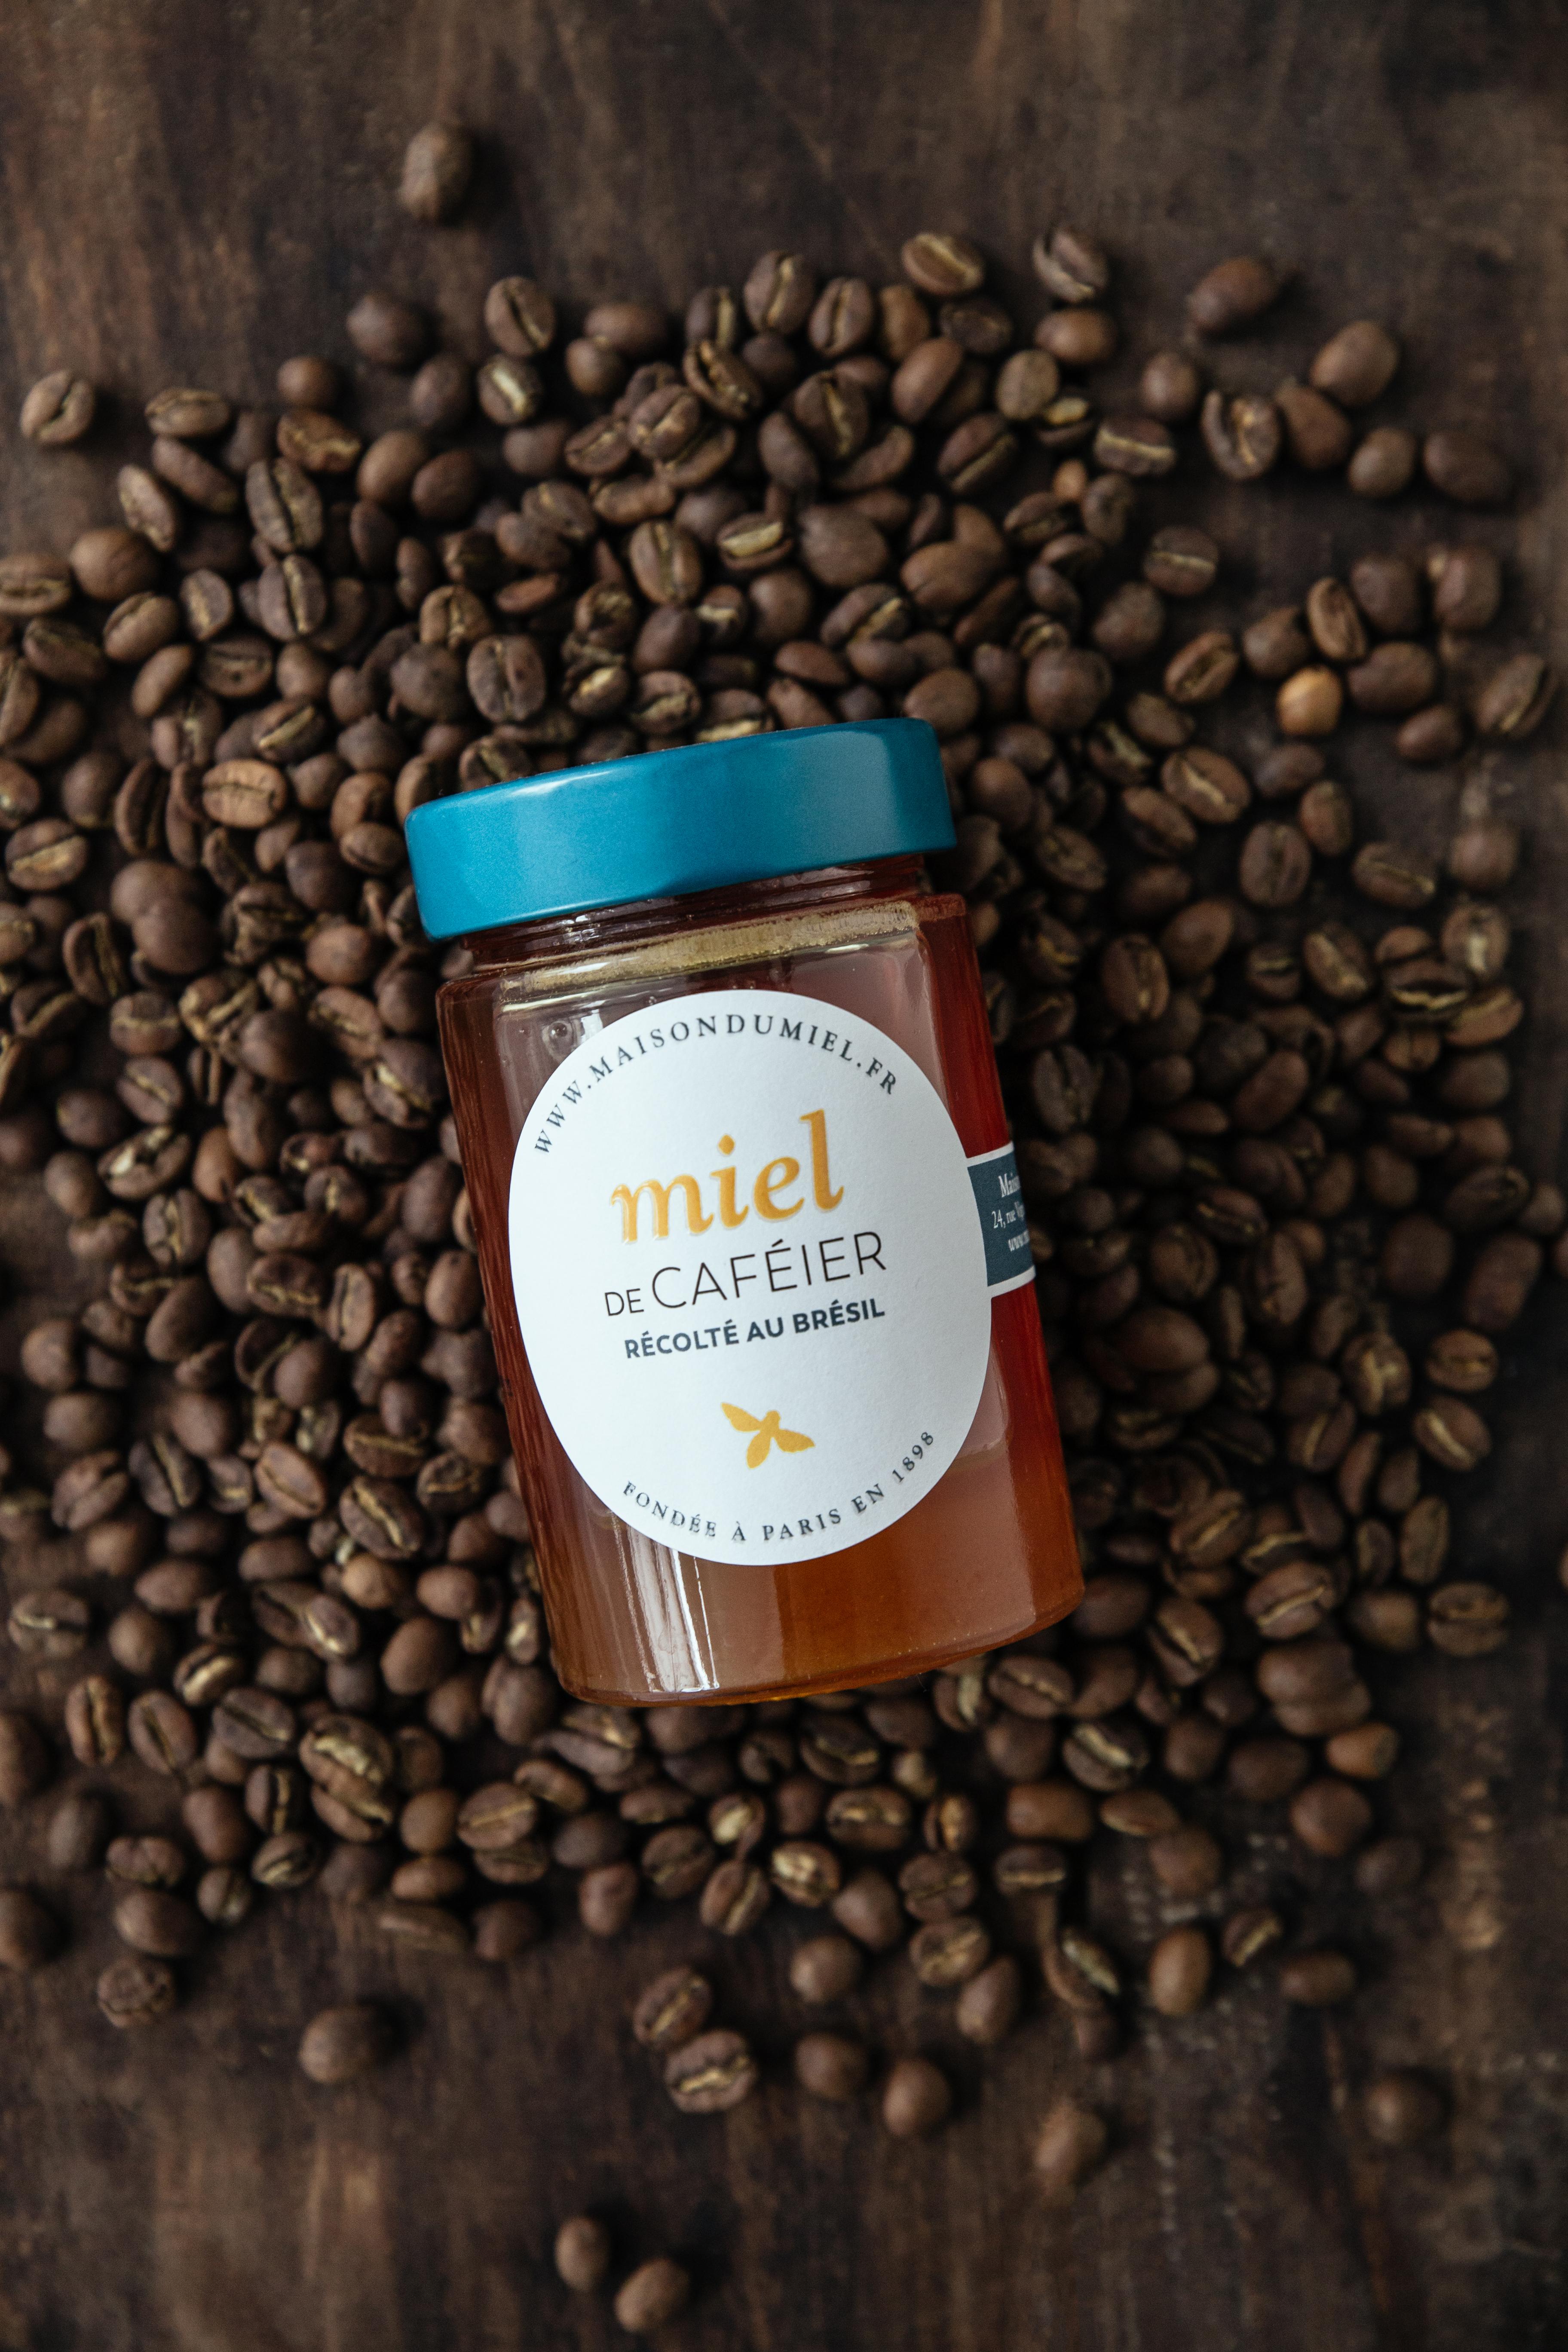 Miel de caféier Origine Brésil   La Maison du Miel